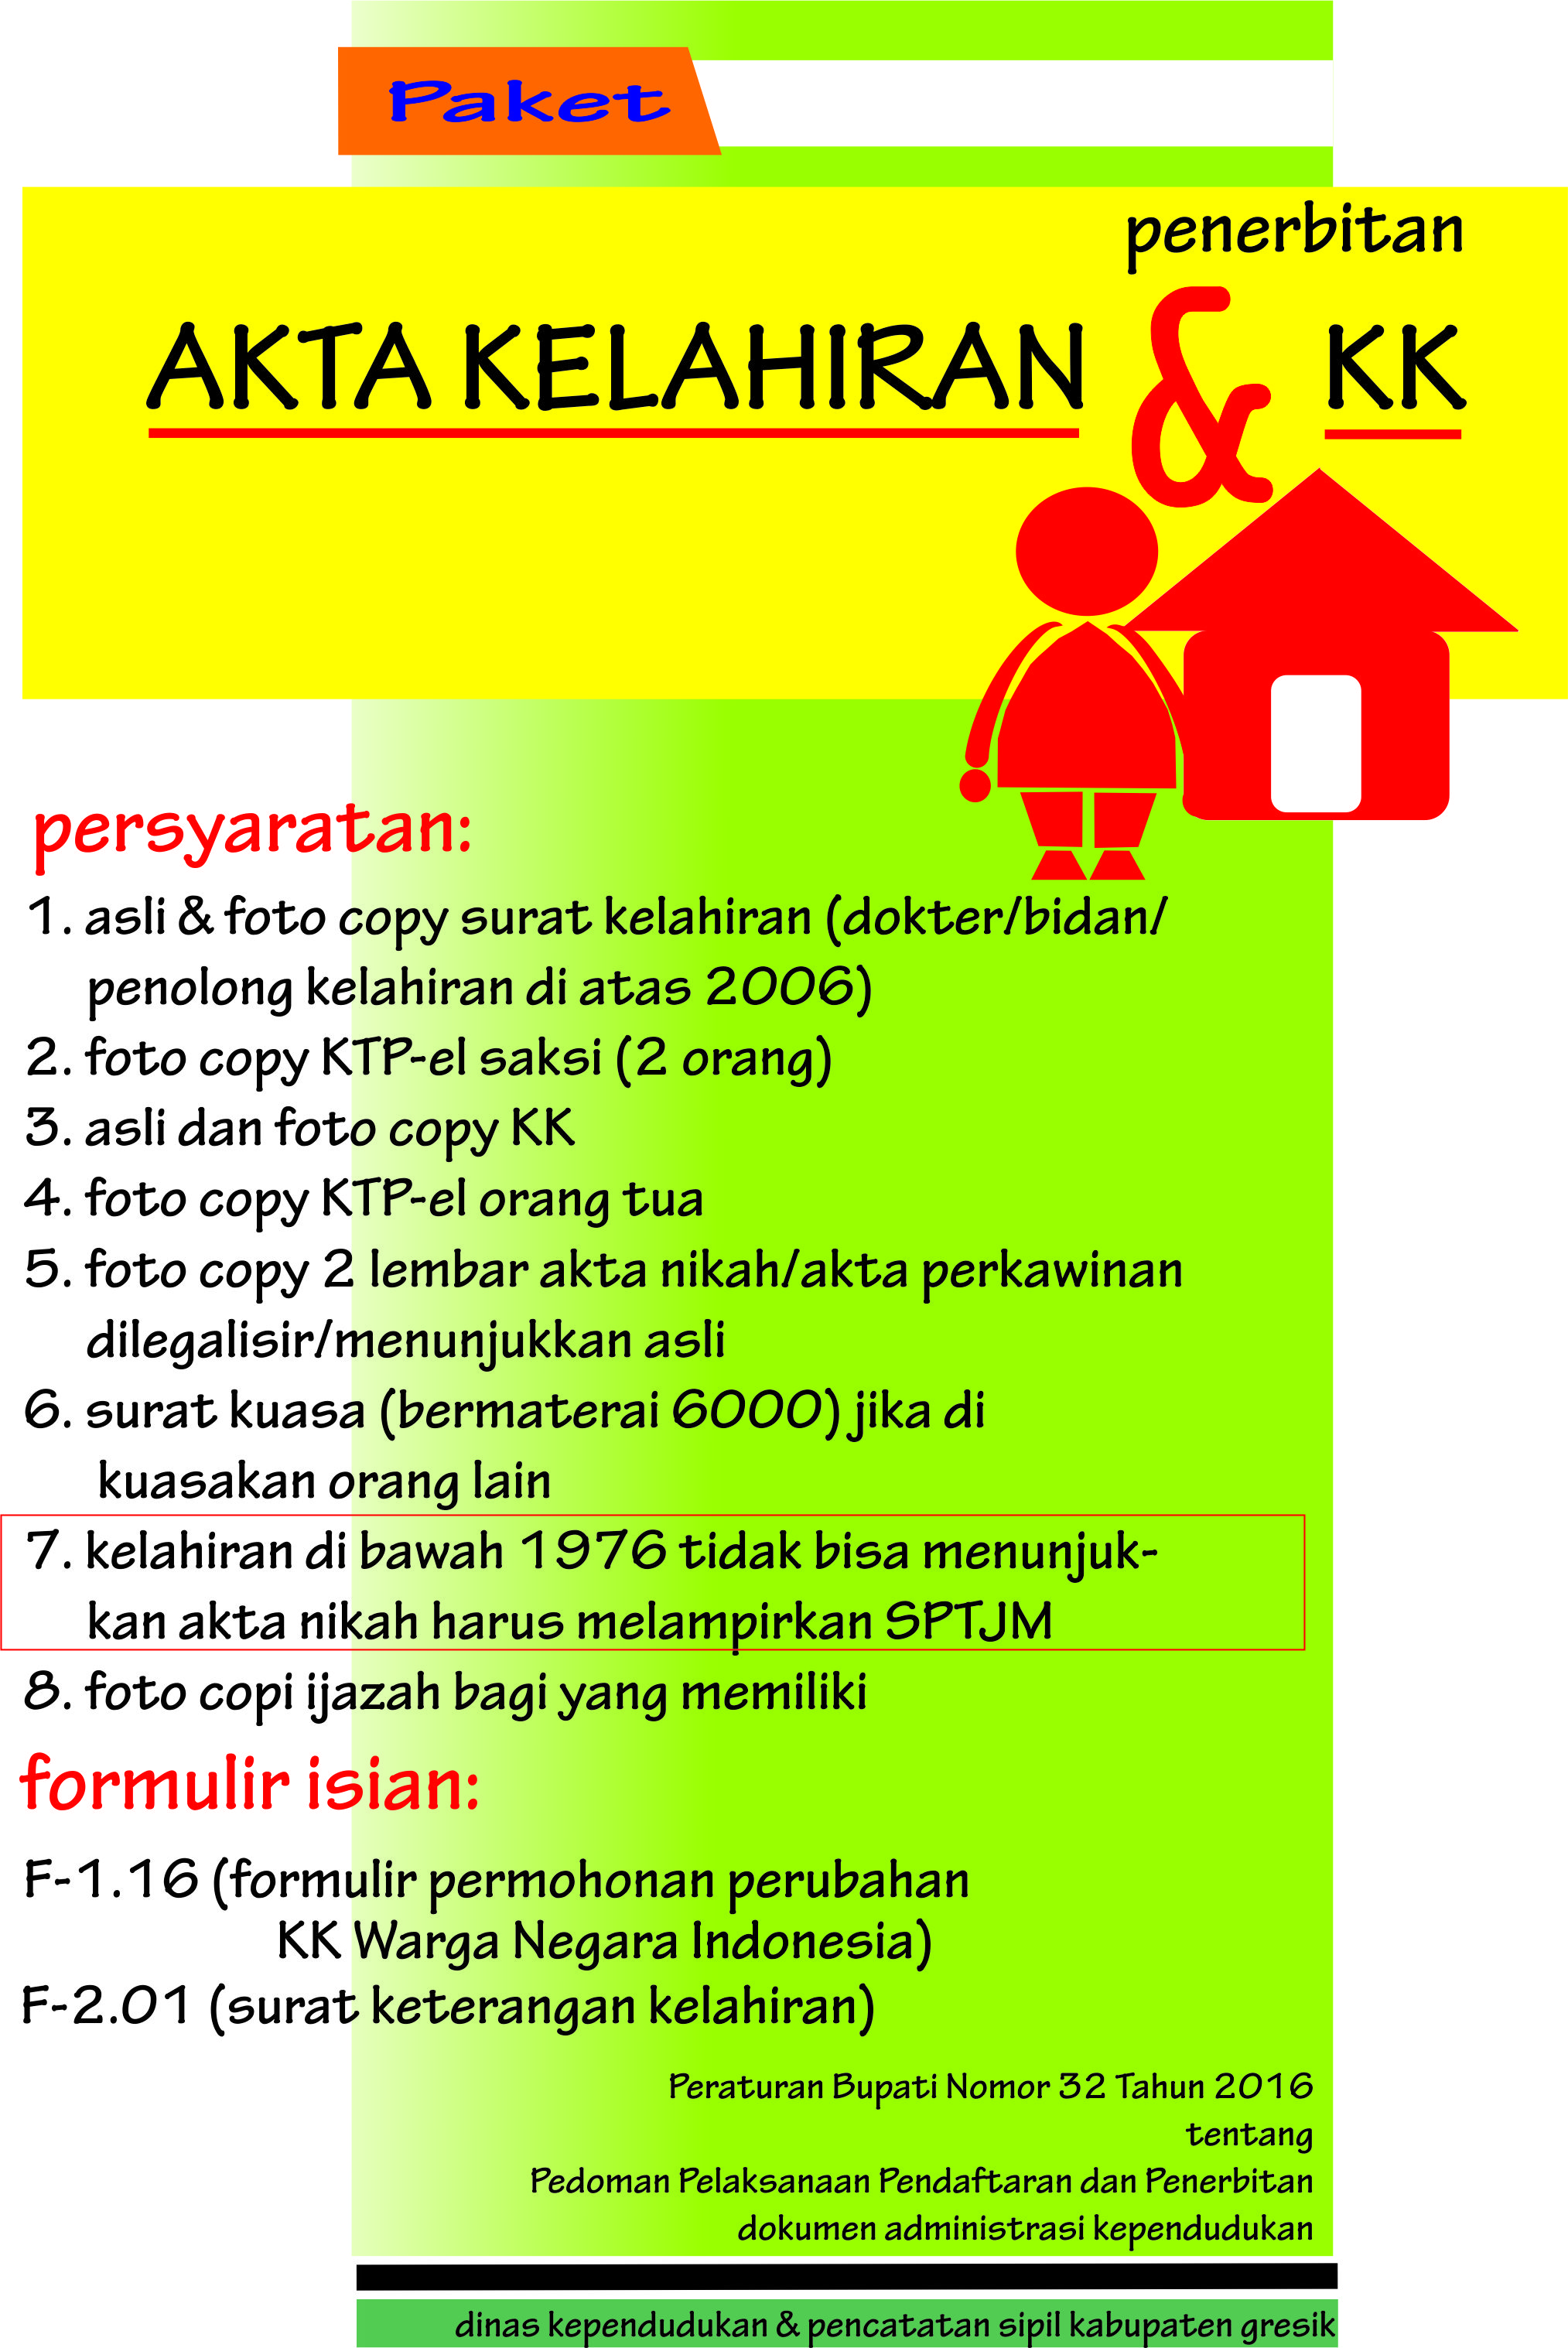 Paket Akte Kelahiran dan Kartu Keluarga